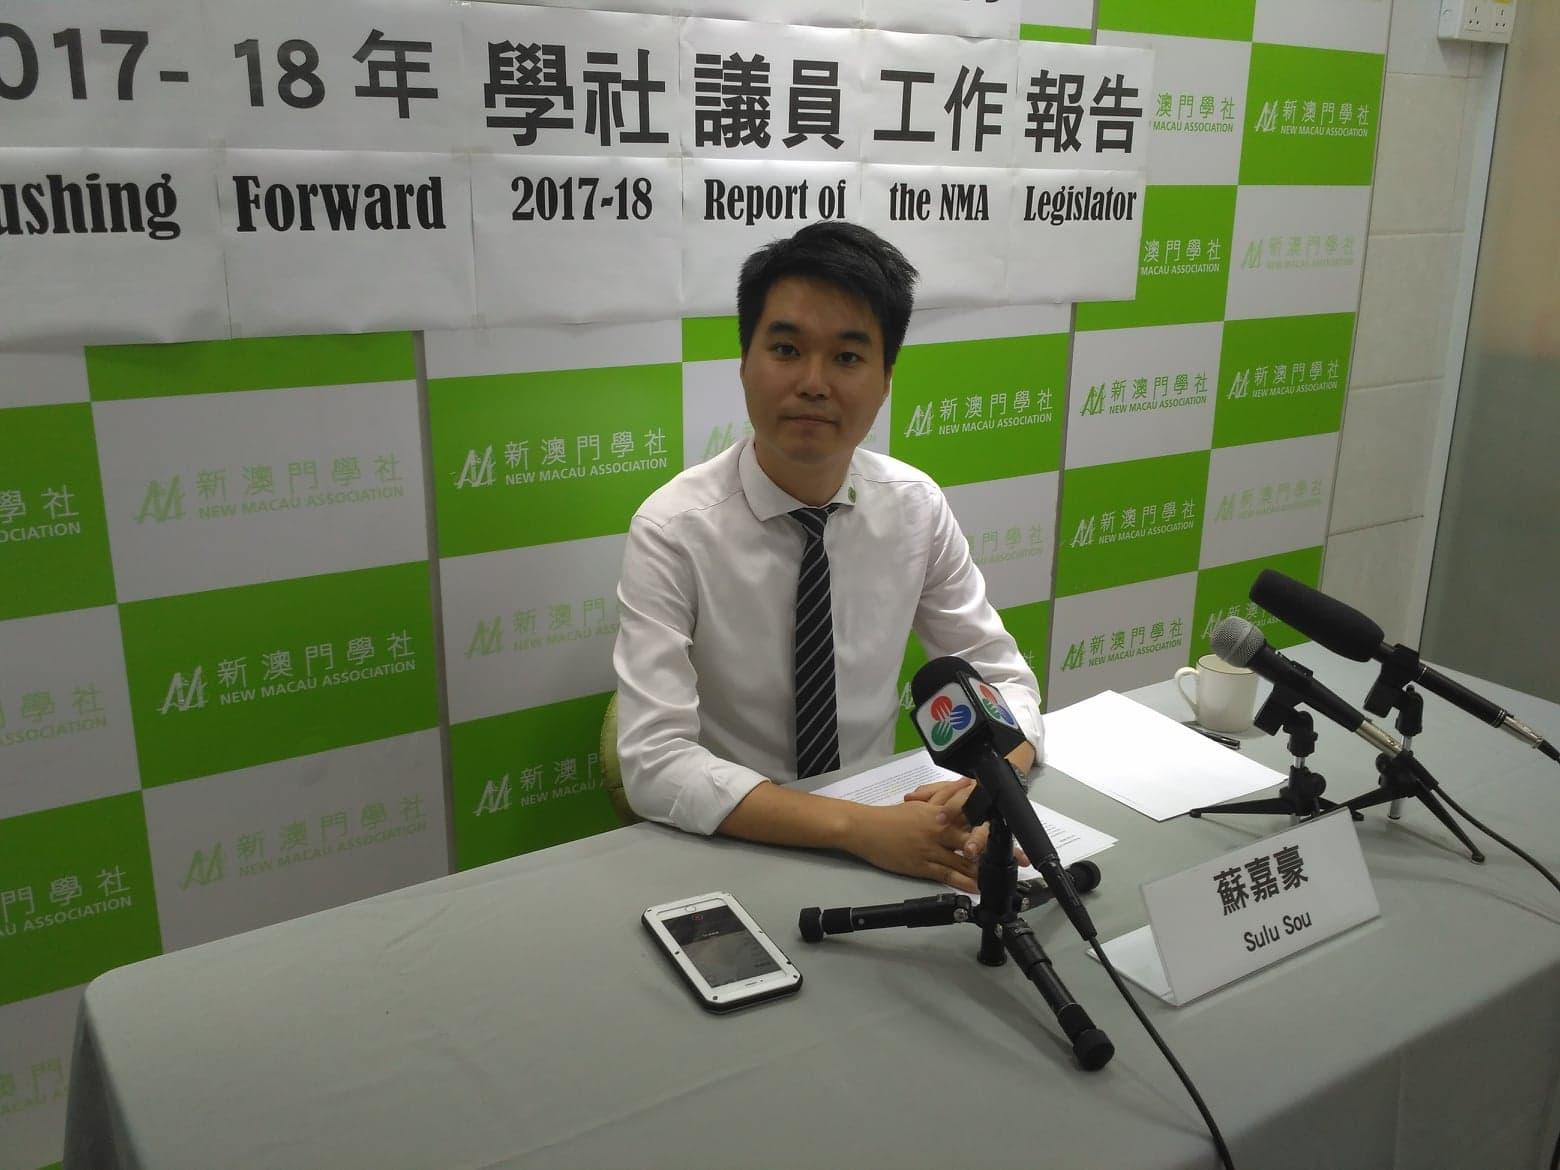 AL | Sulu Sou submeteu projecto para garantir participação sindical